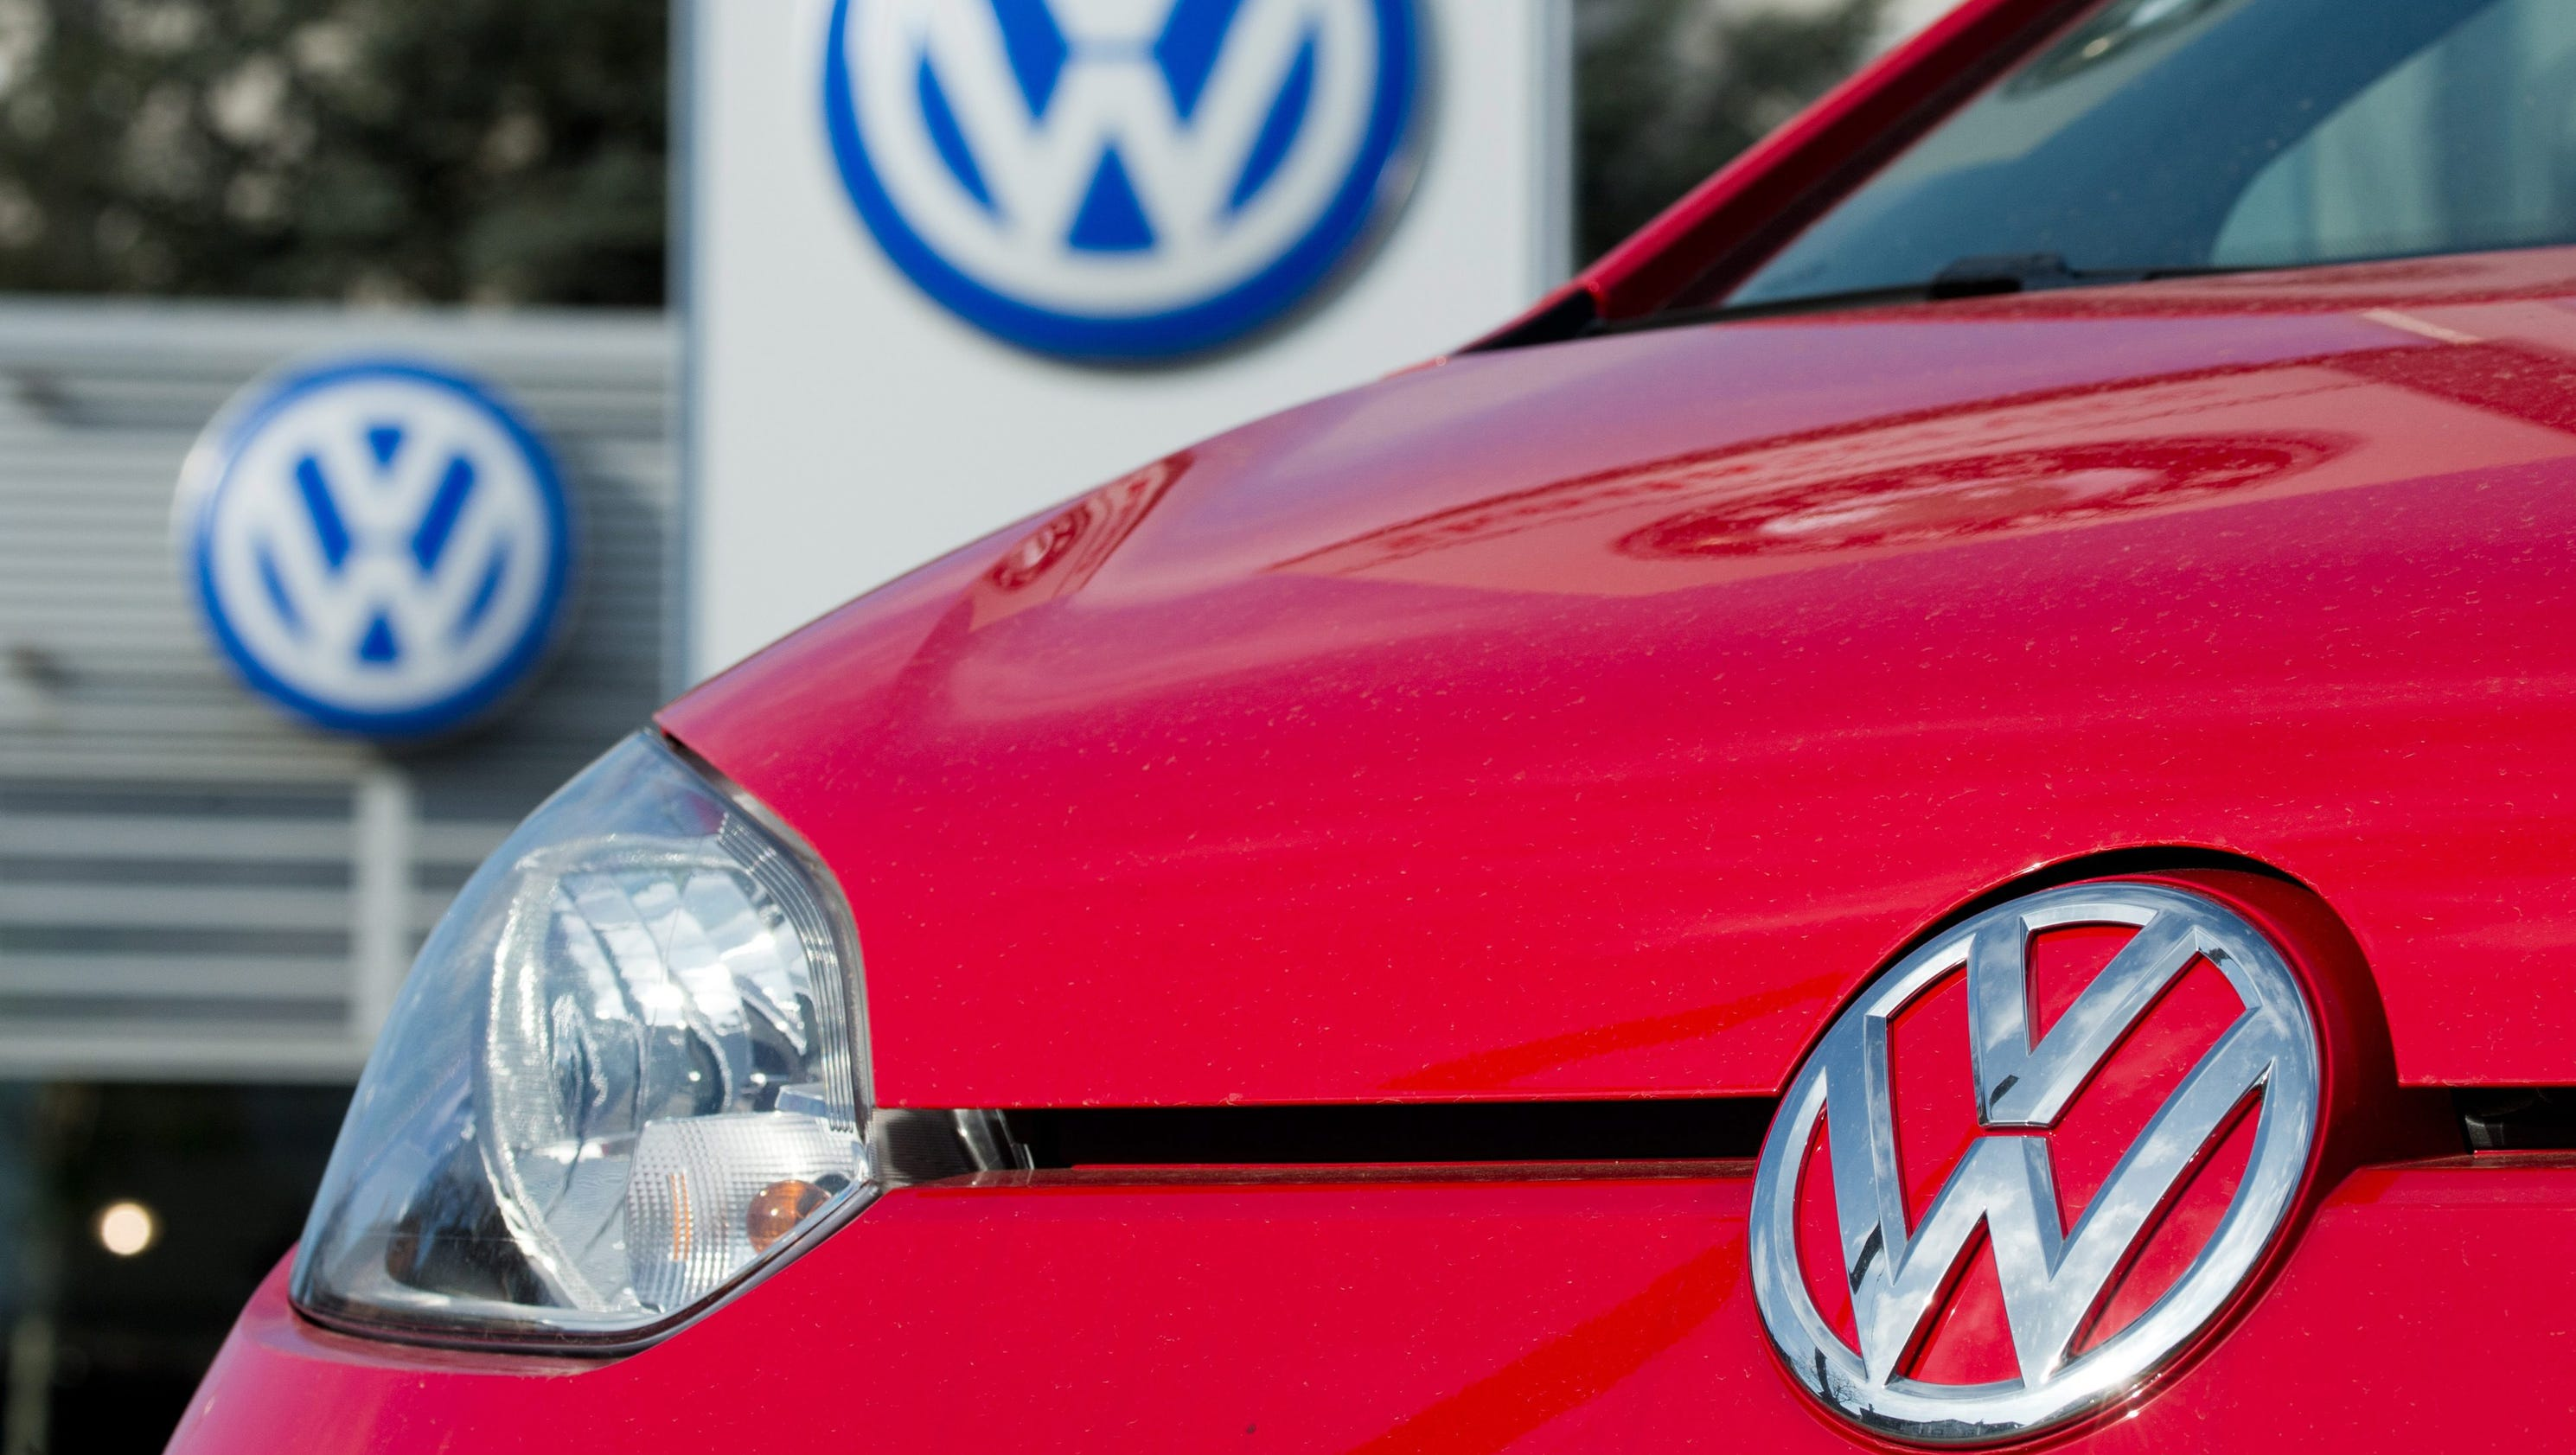 volkswagen emission scandal widens 11 million cars affected. Black Bedroom Furniture Sets. Home Design Ideas